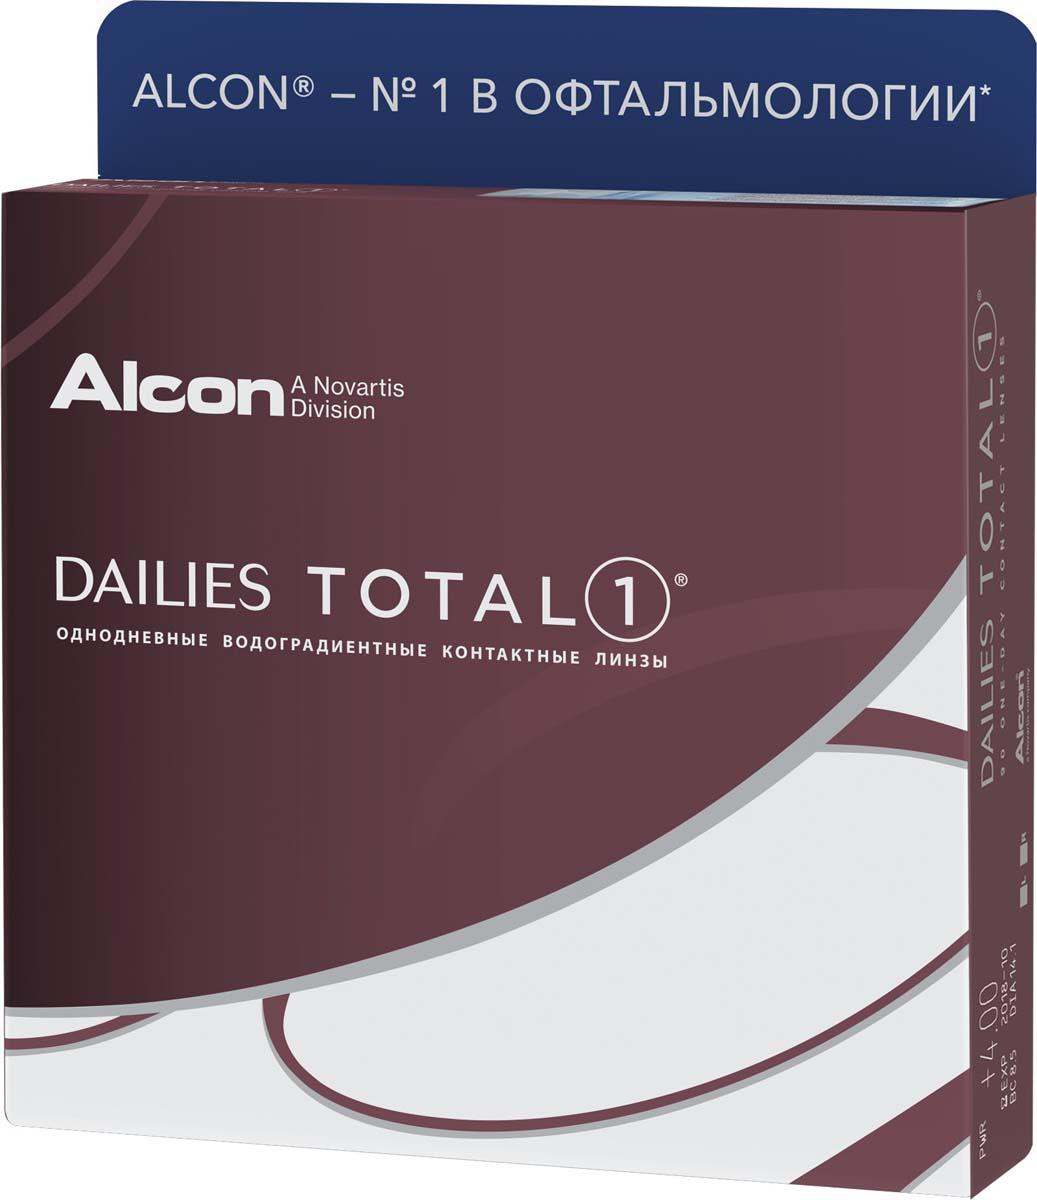 Аlcon Контактные линзы Dailies Total 90 шт /-1.00 /8.5 /14.1